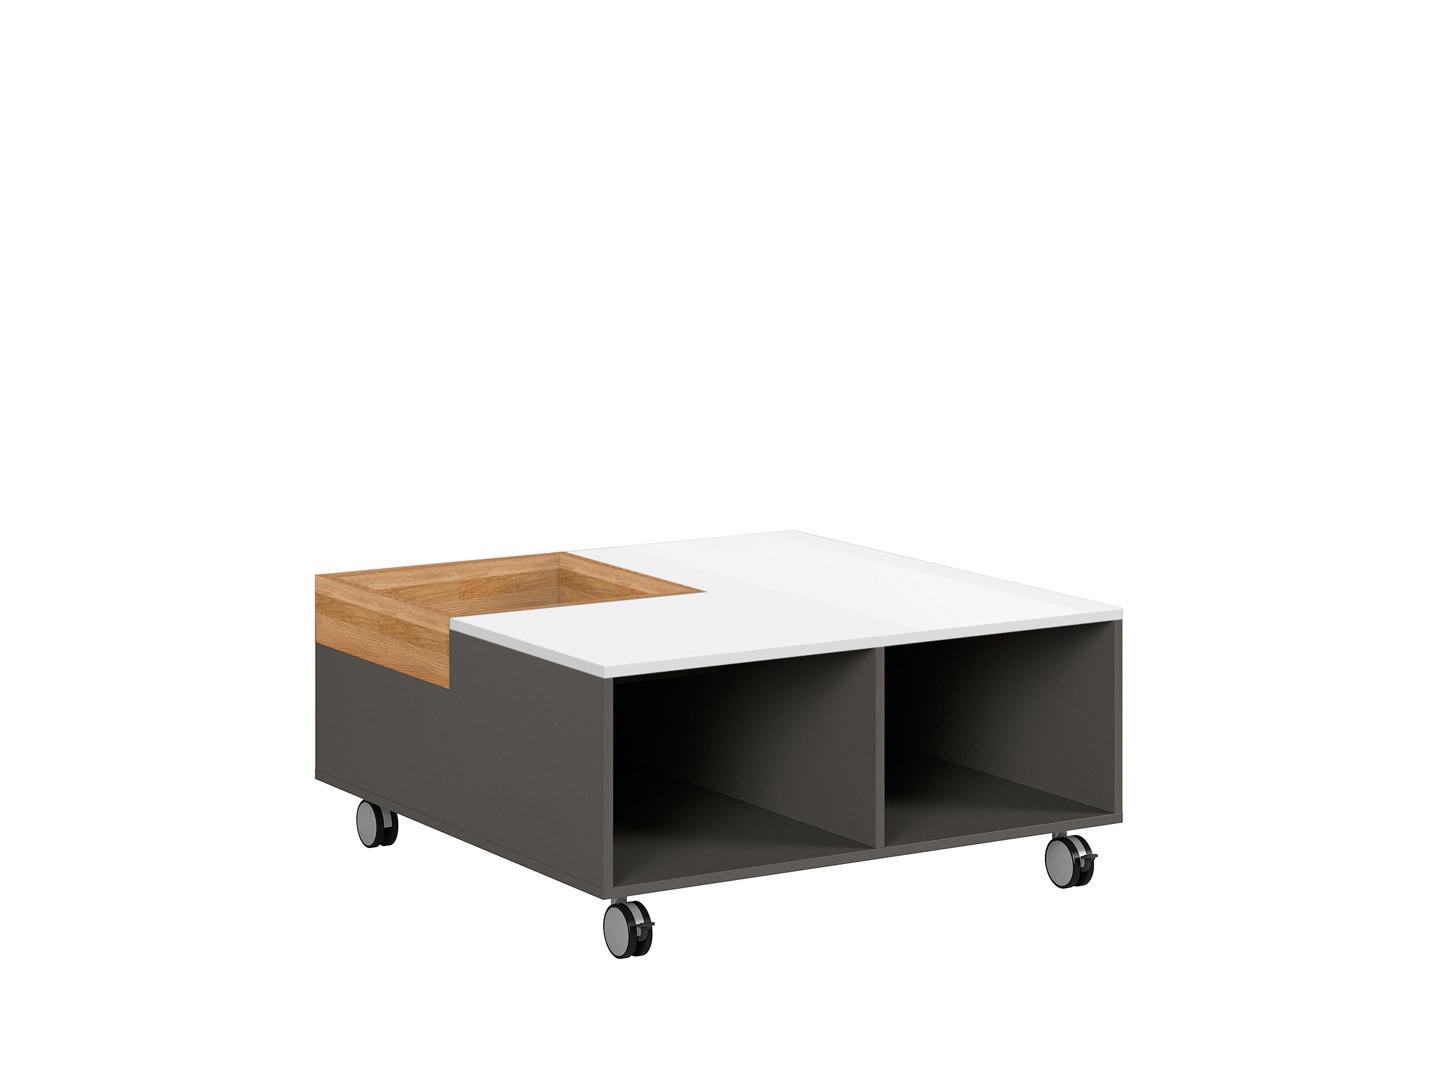 Konferenčný stolík GRAPHIC LAW/90 sivý wolfram/biely zrkadlový lesk/dub prírodný)